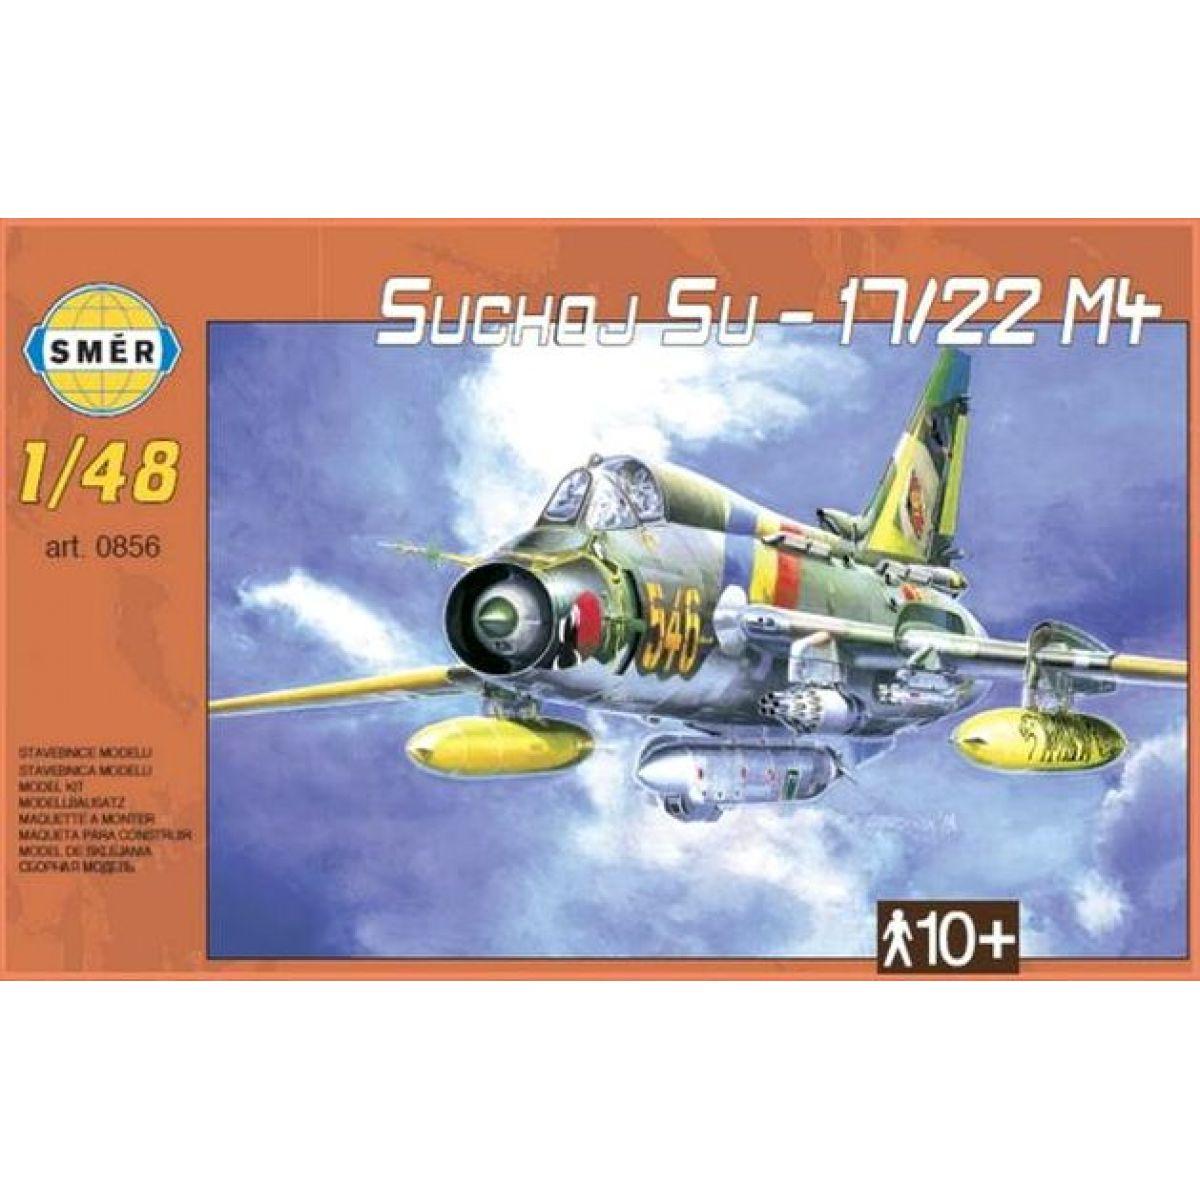 Smer Suchoj SU-17/22